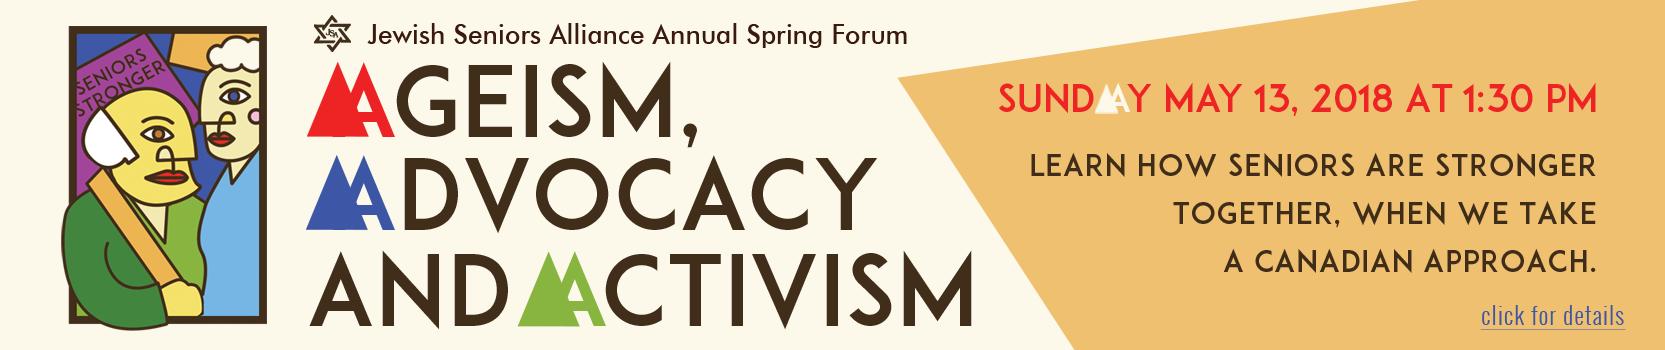 SpringForum-2018-Details-1